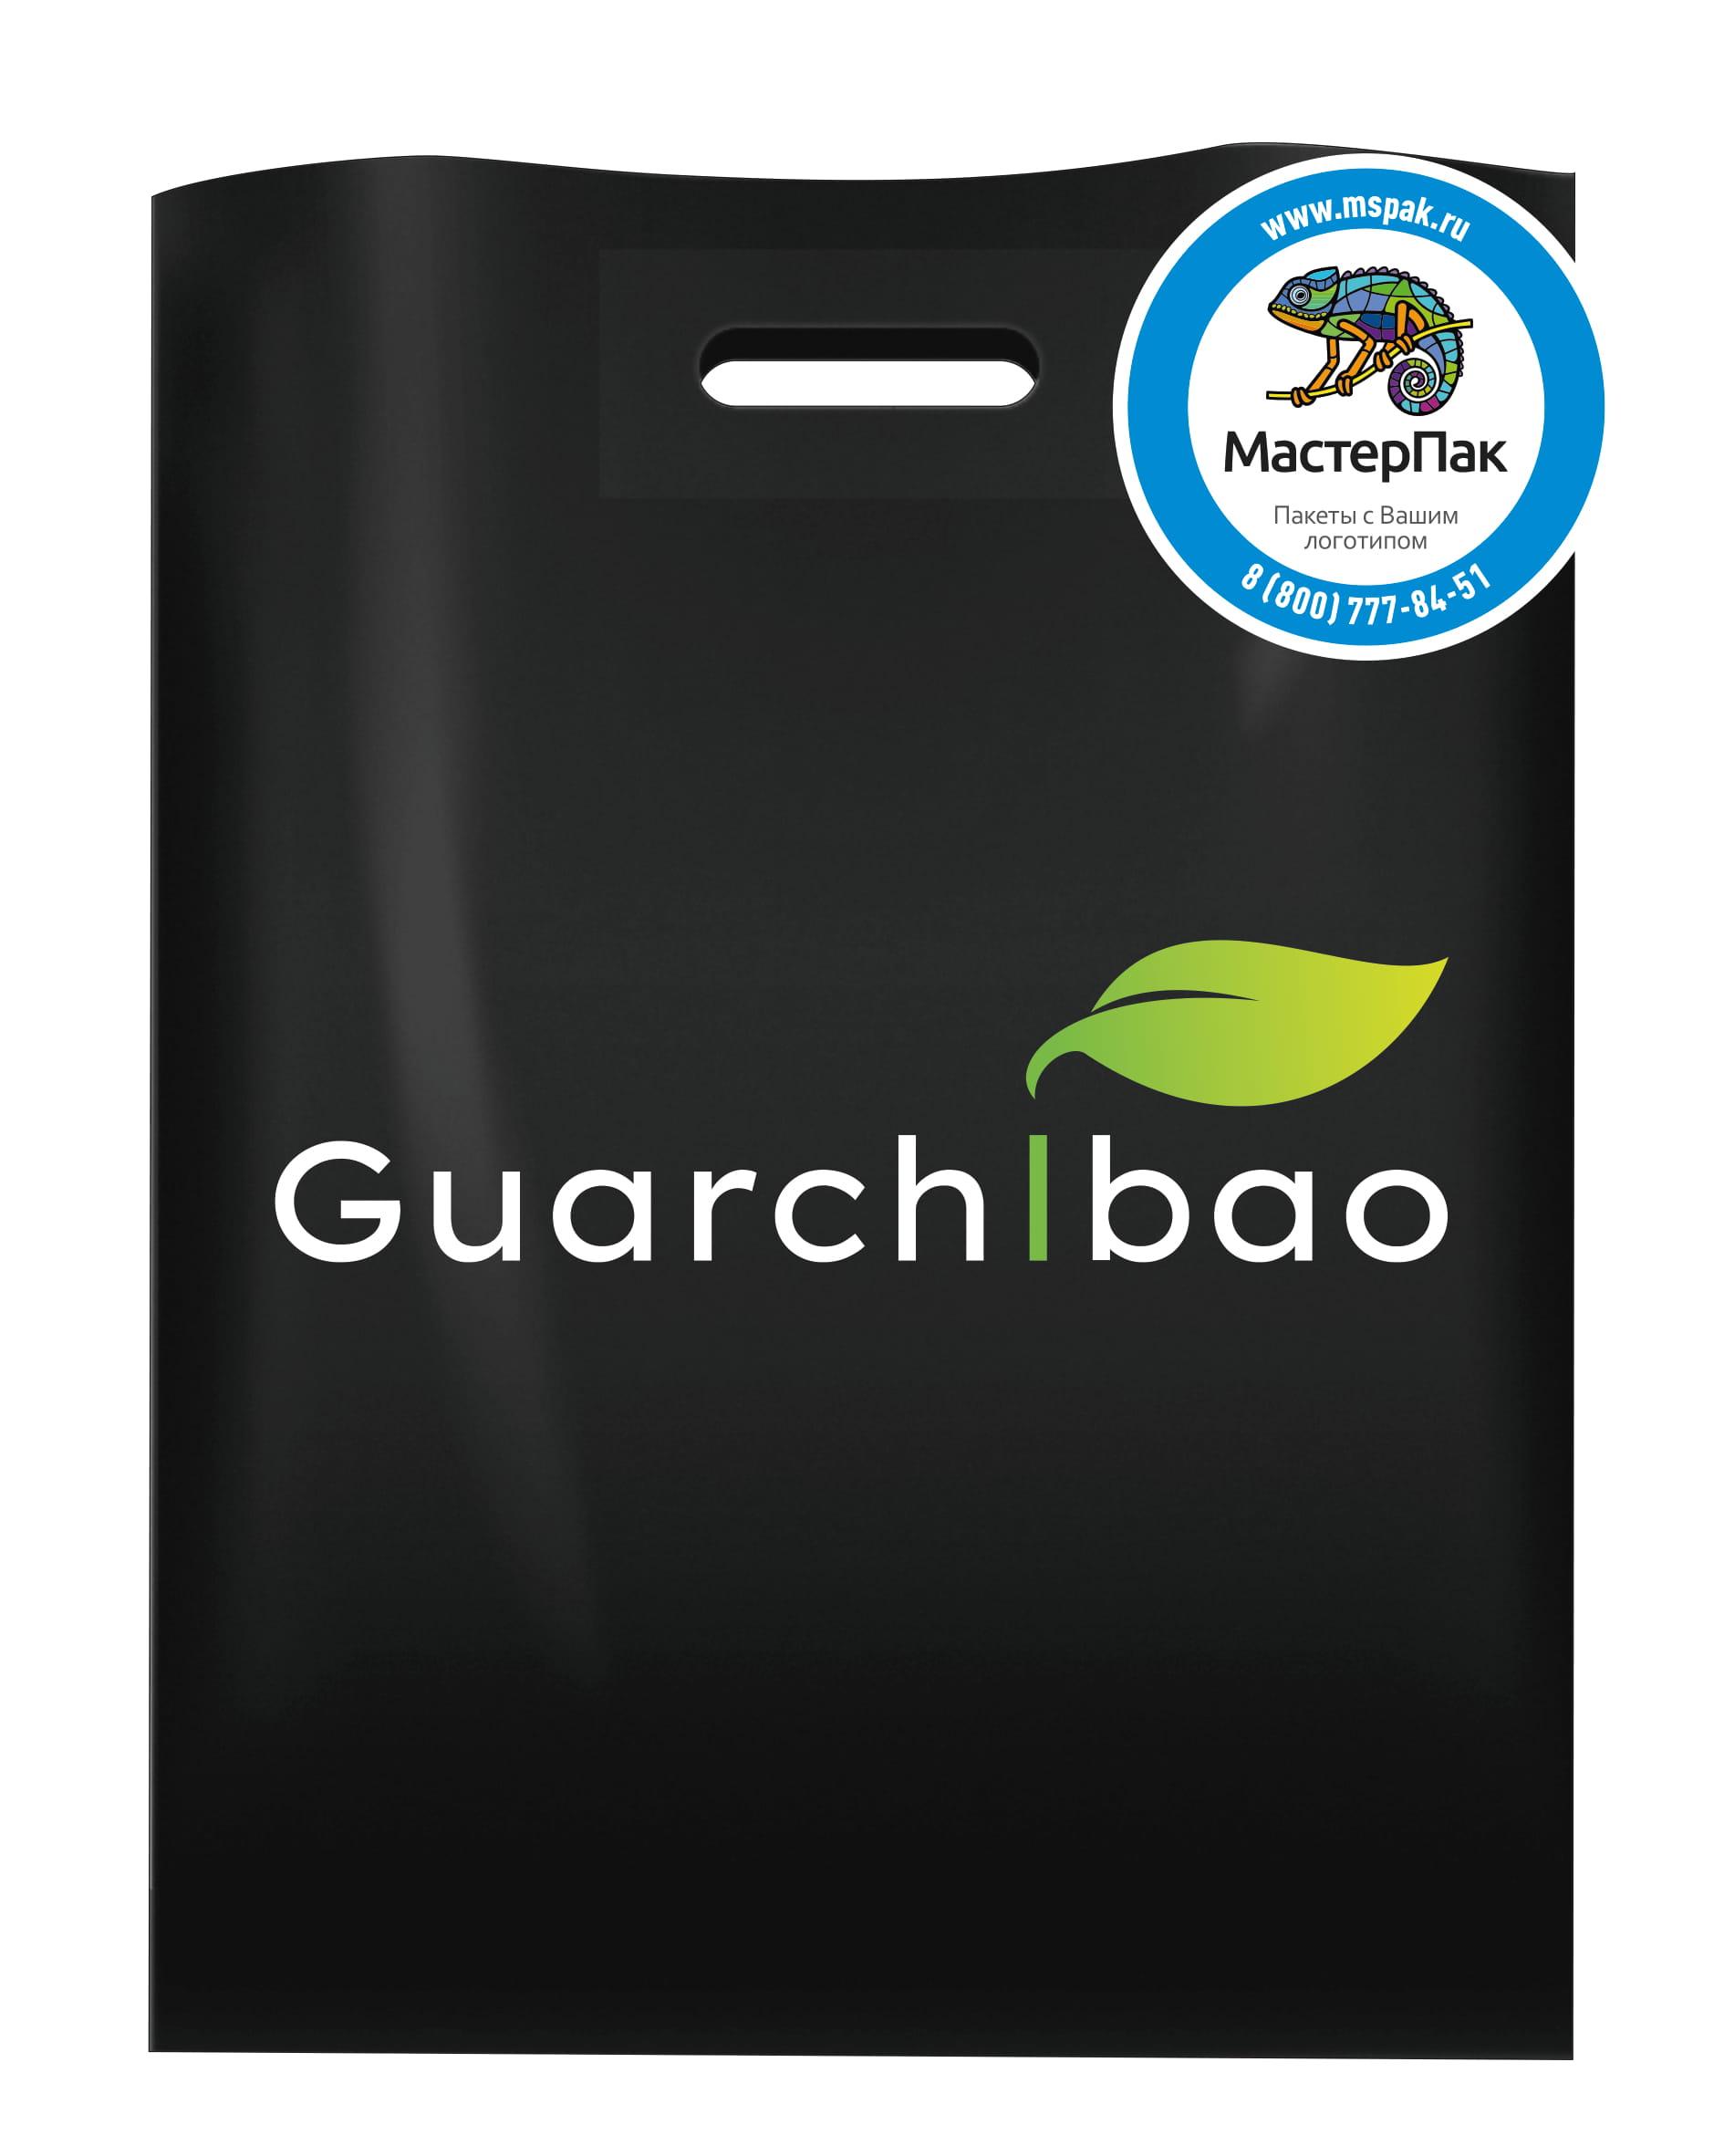 Пакет ПВД, черный, с логотивом Guarch bao, Москва